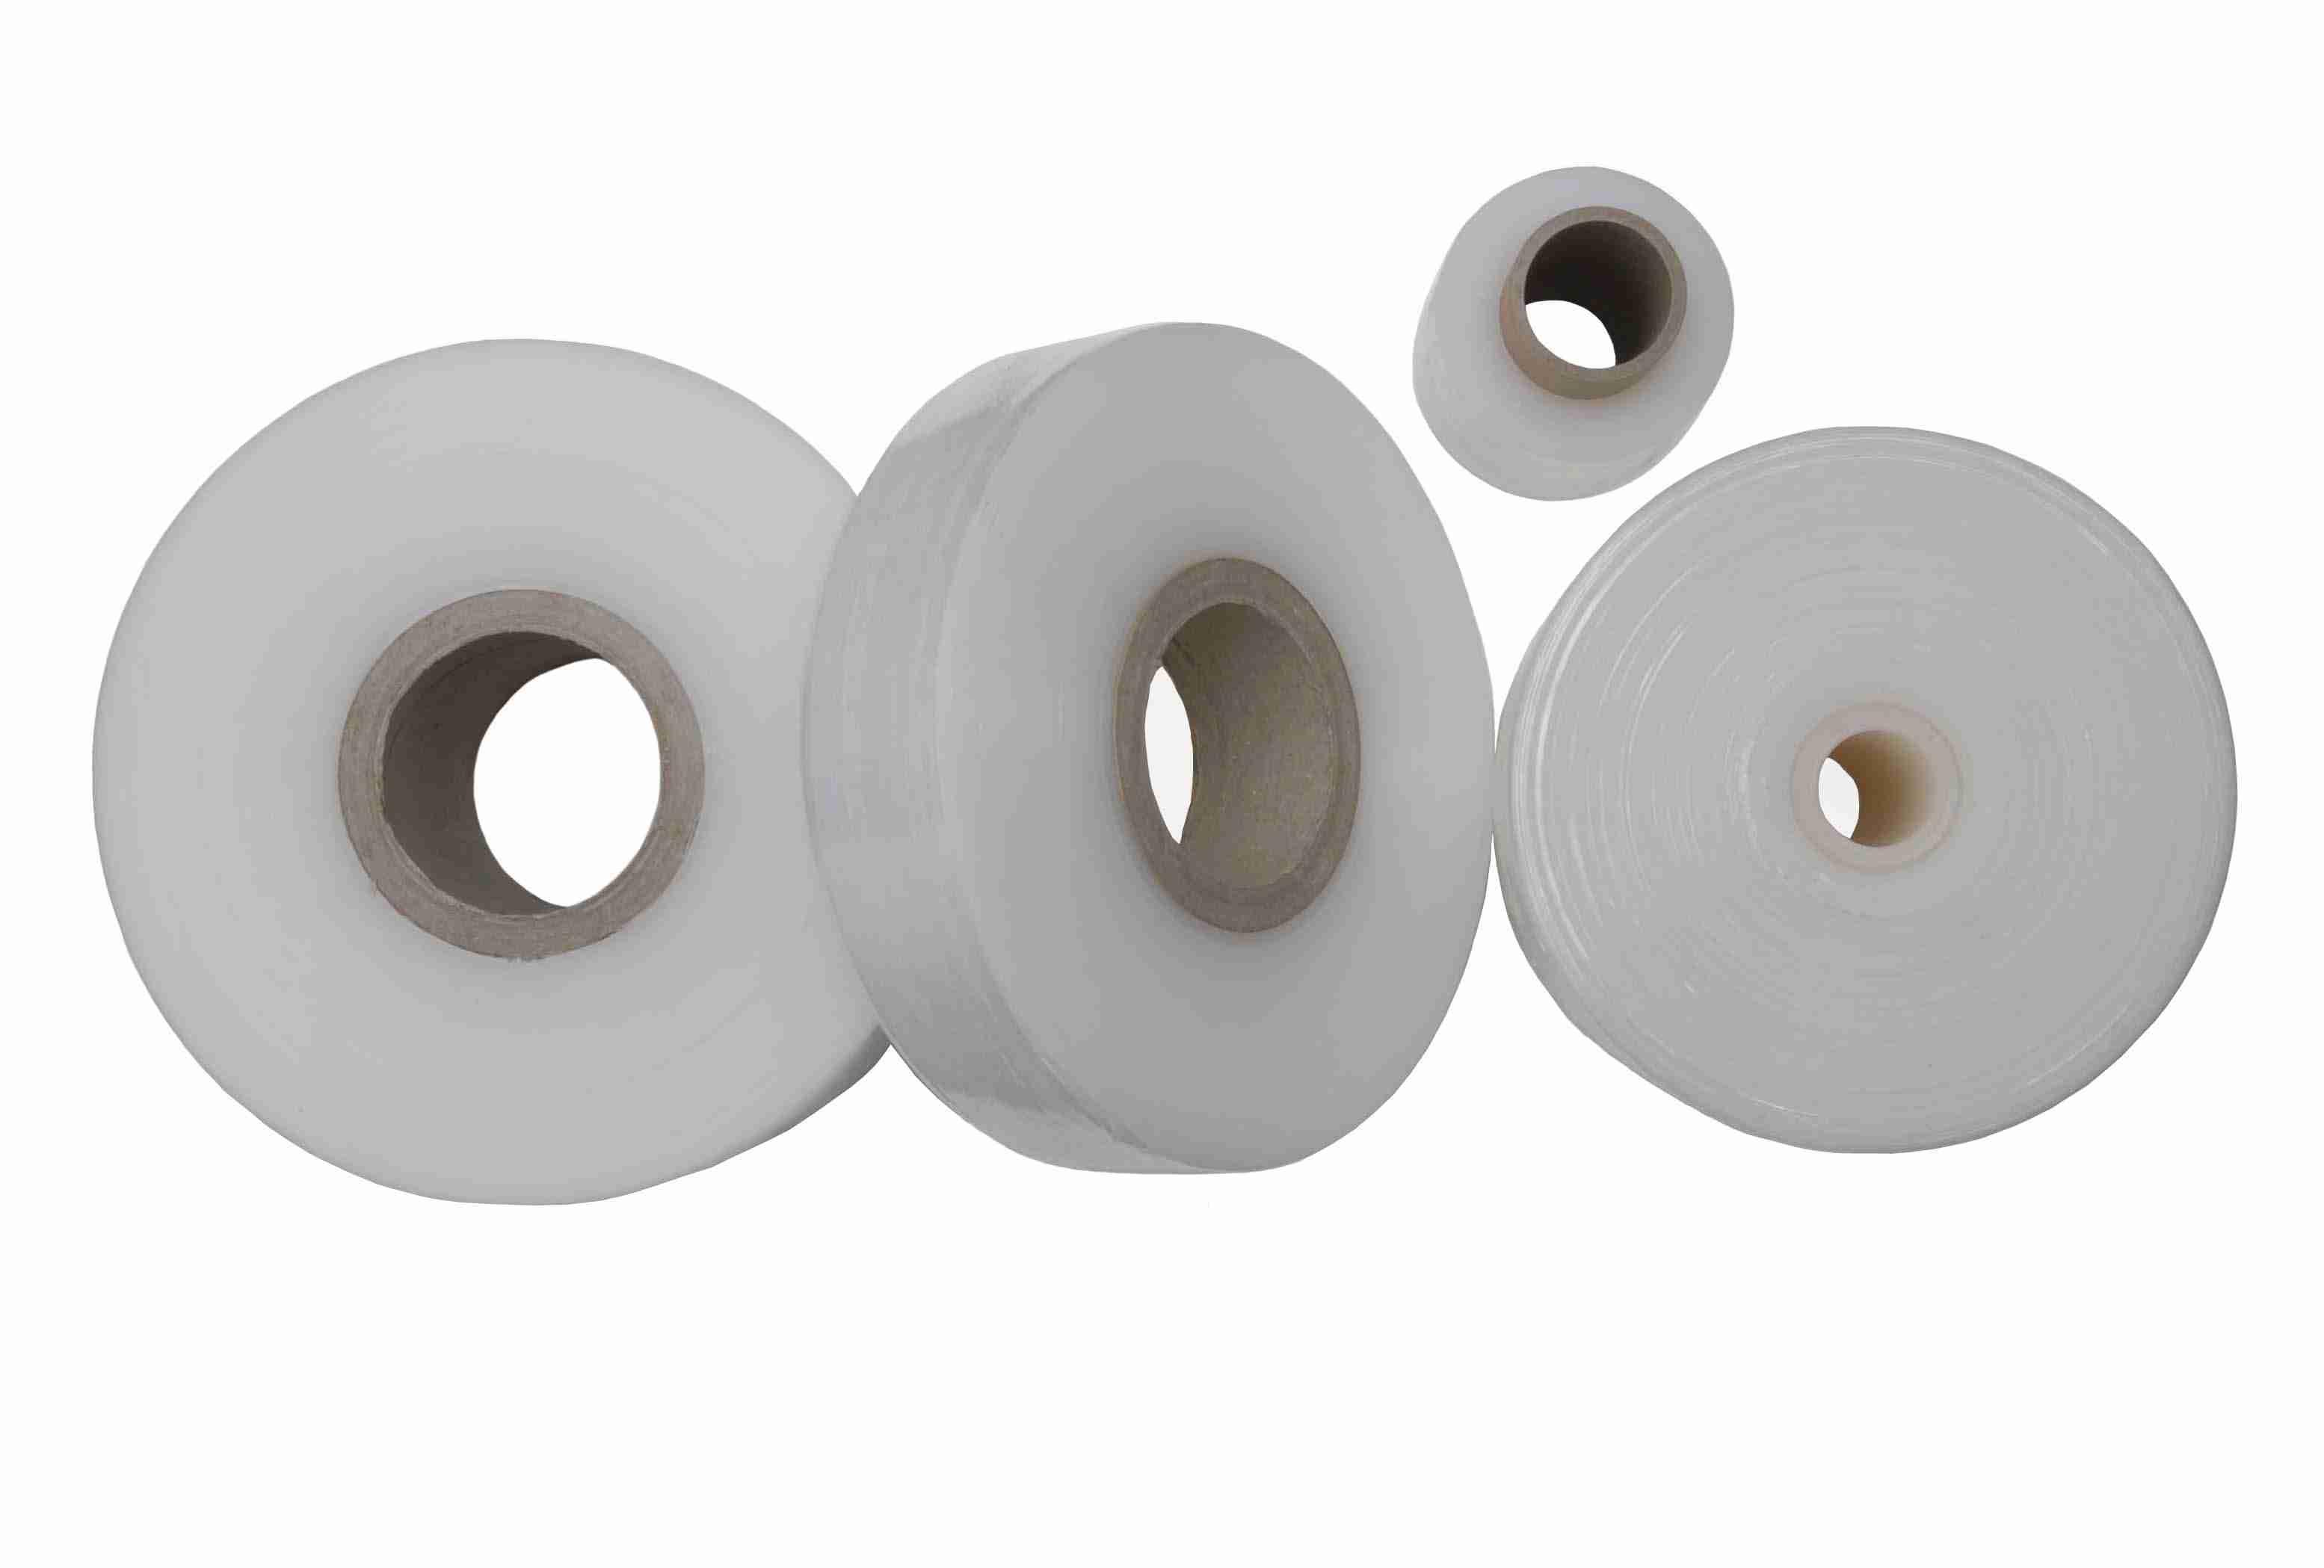 Stretchfolie transparent 23my Breite 250 mm Handstretchfolie 6 Rollen